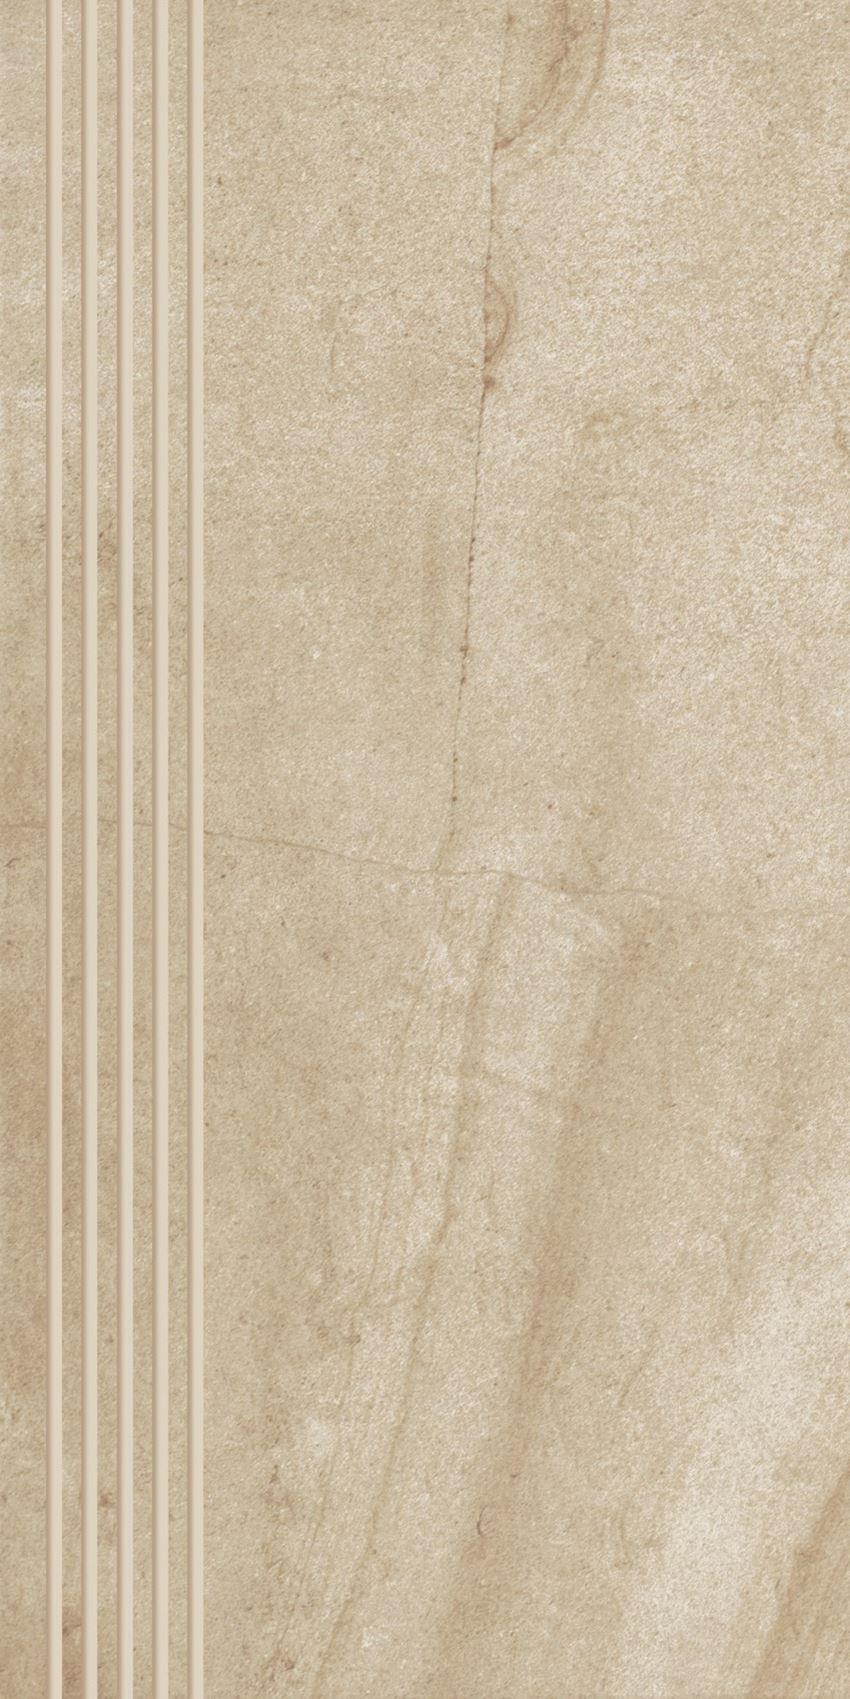 Płytka stopnicowa 30x60 cm Paradyż Teakstone Ochra Stopnica Prosta Nacinana Mat